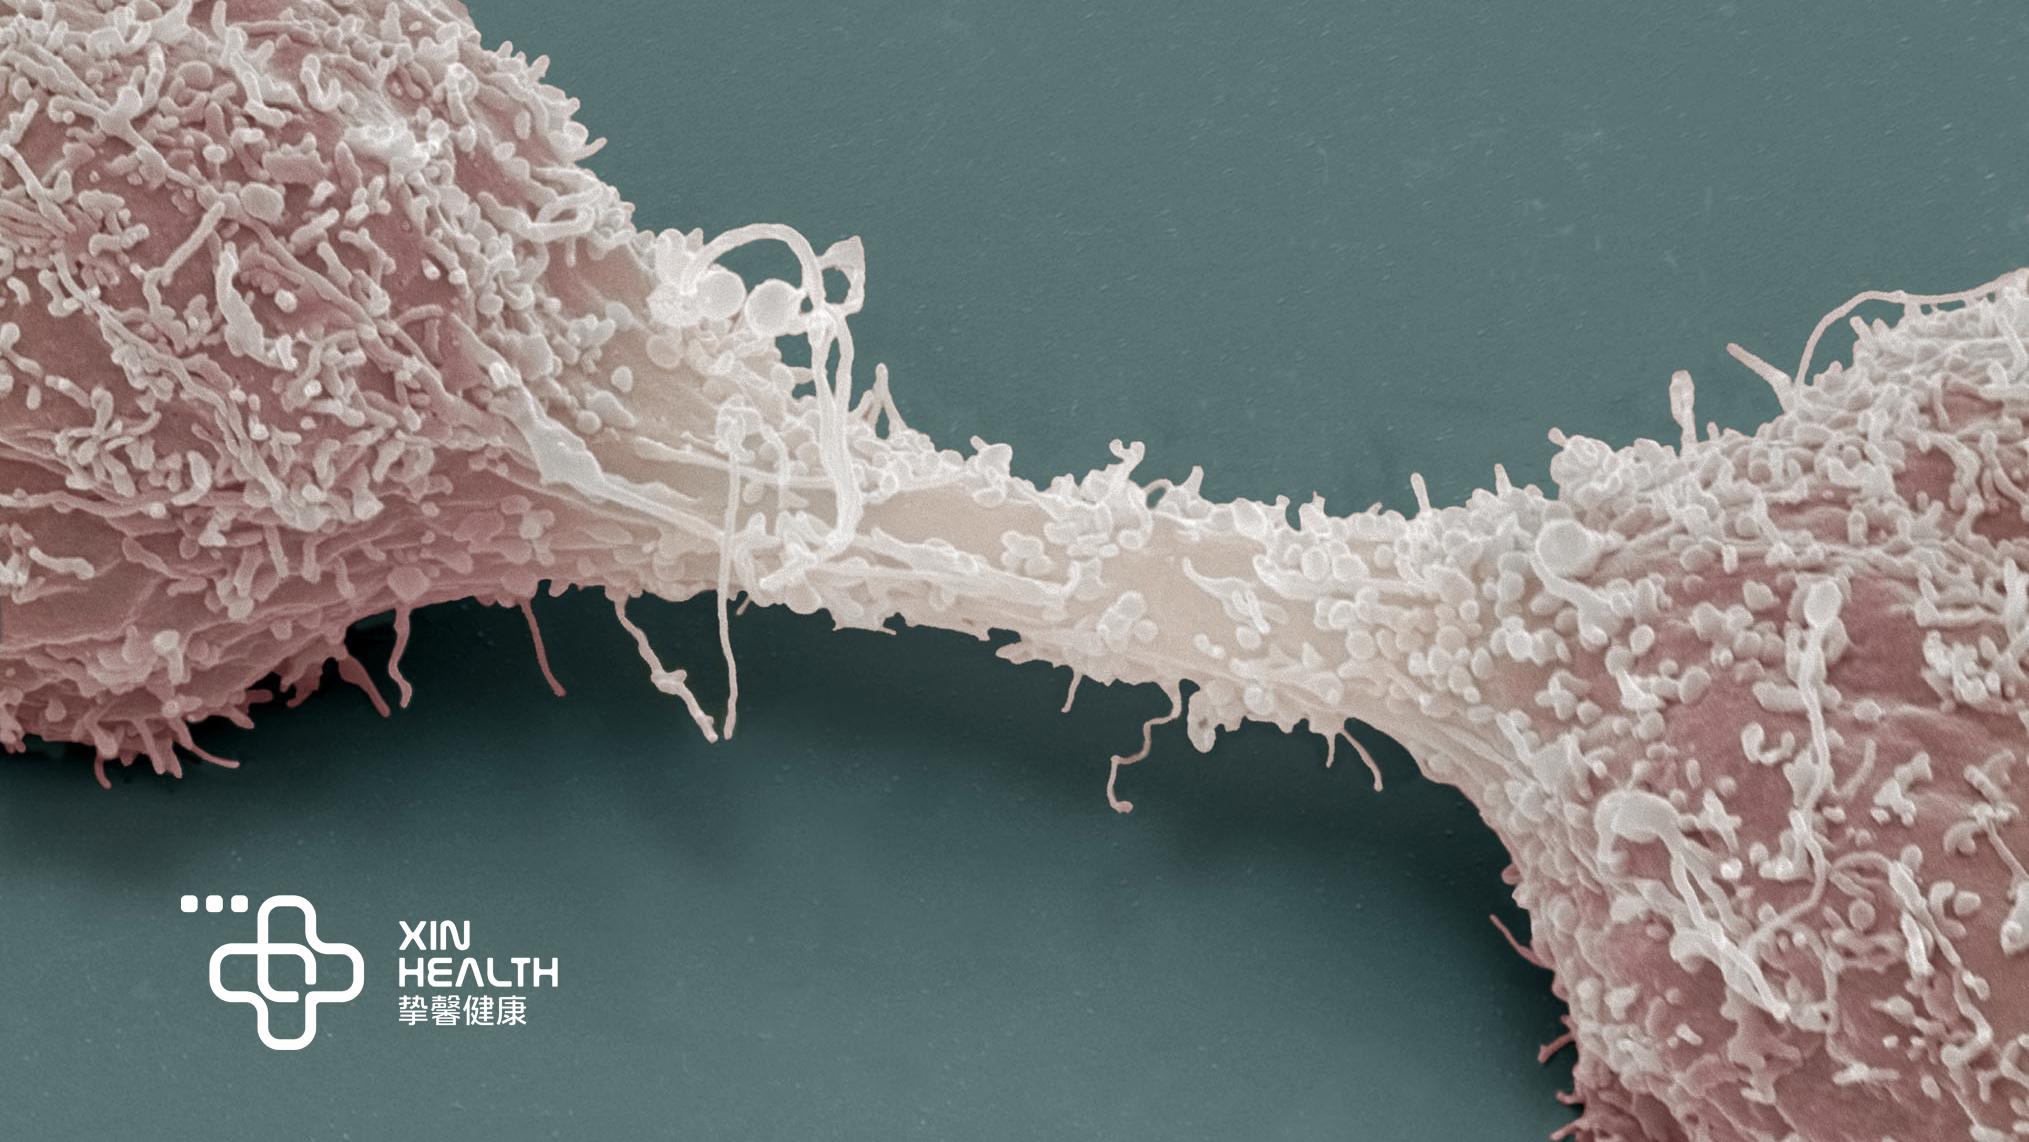 癌细胞正在生长分裂